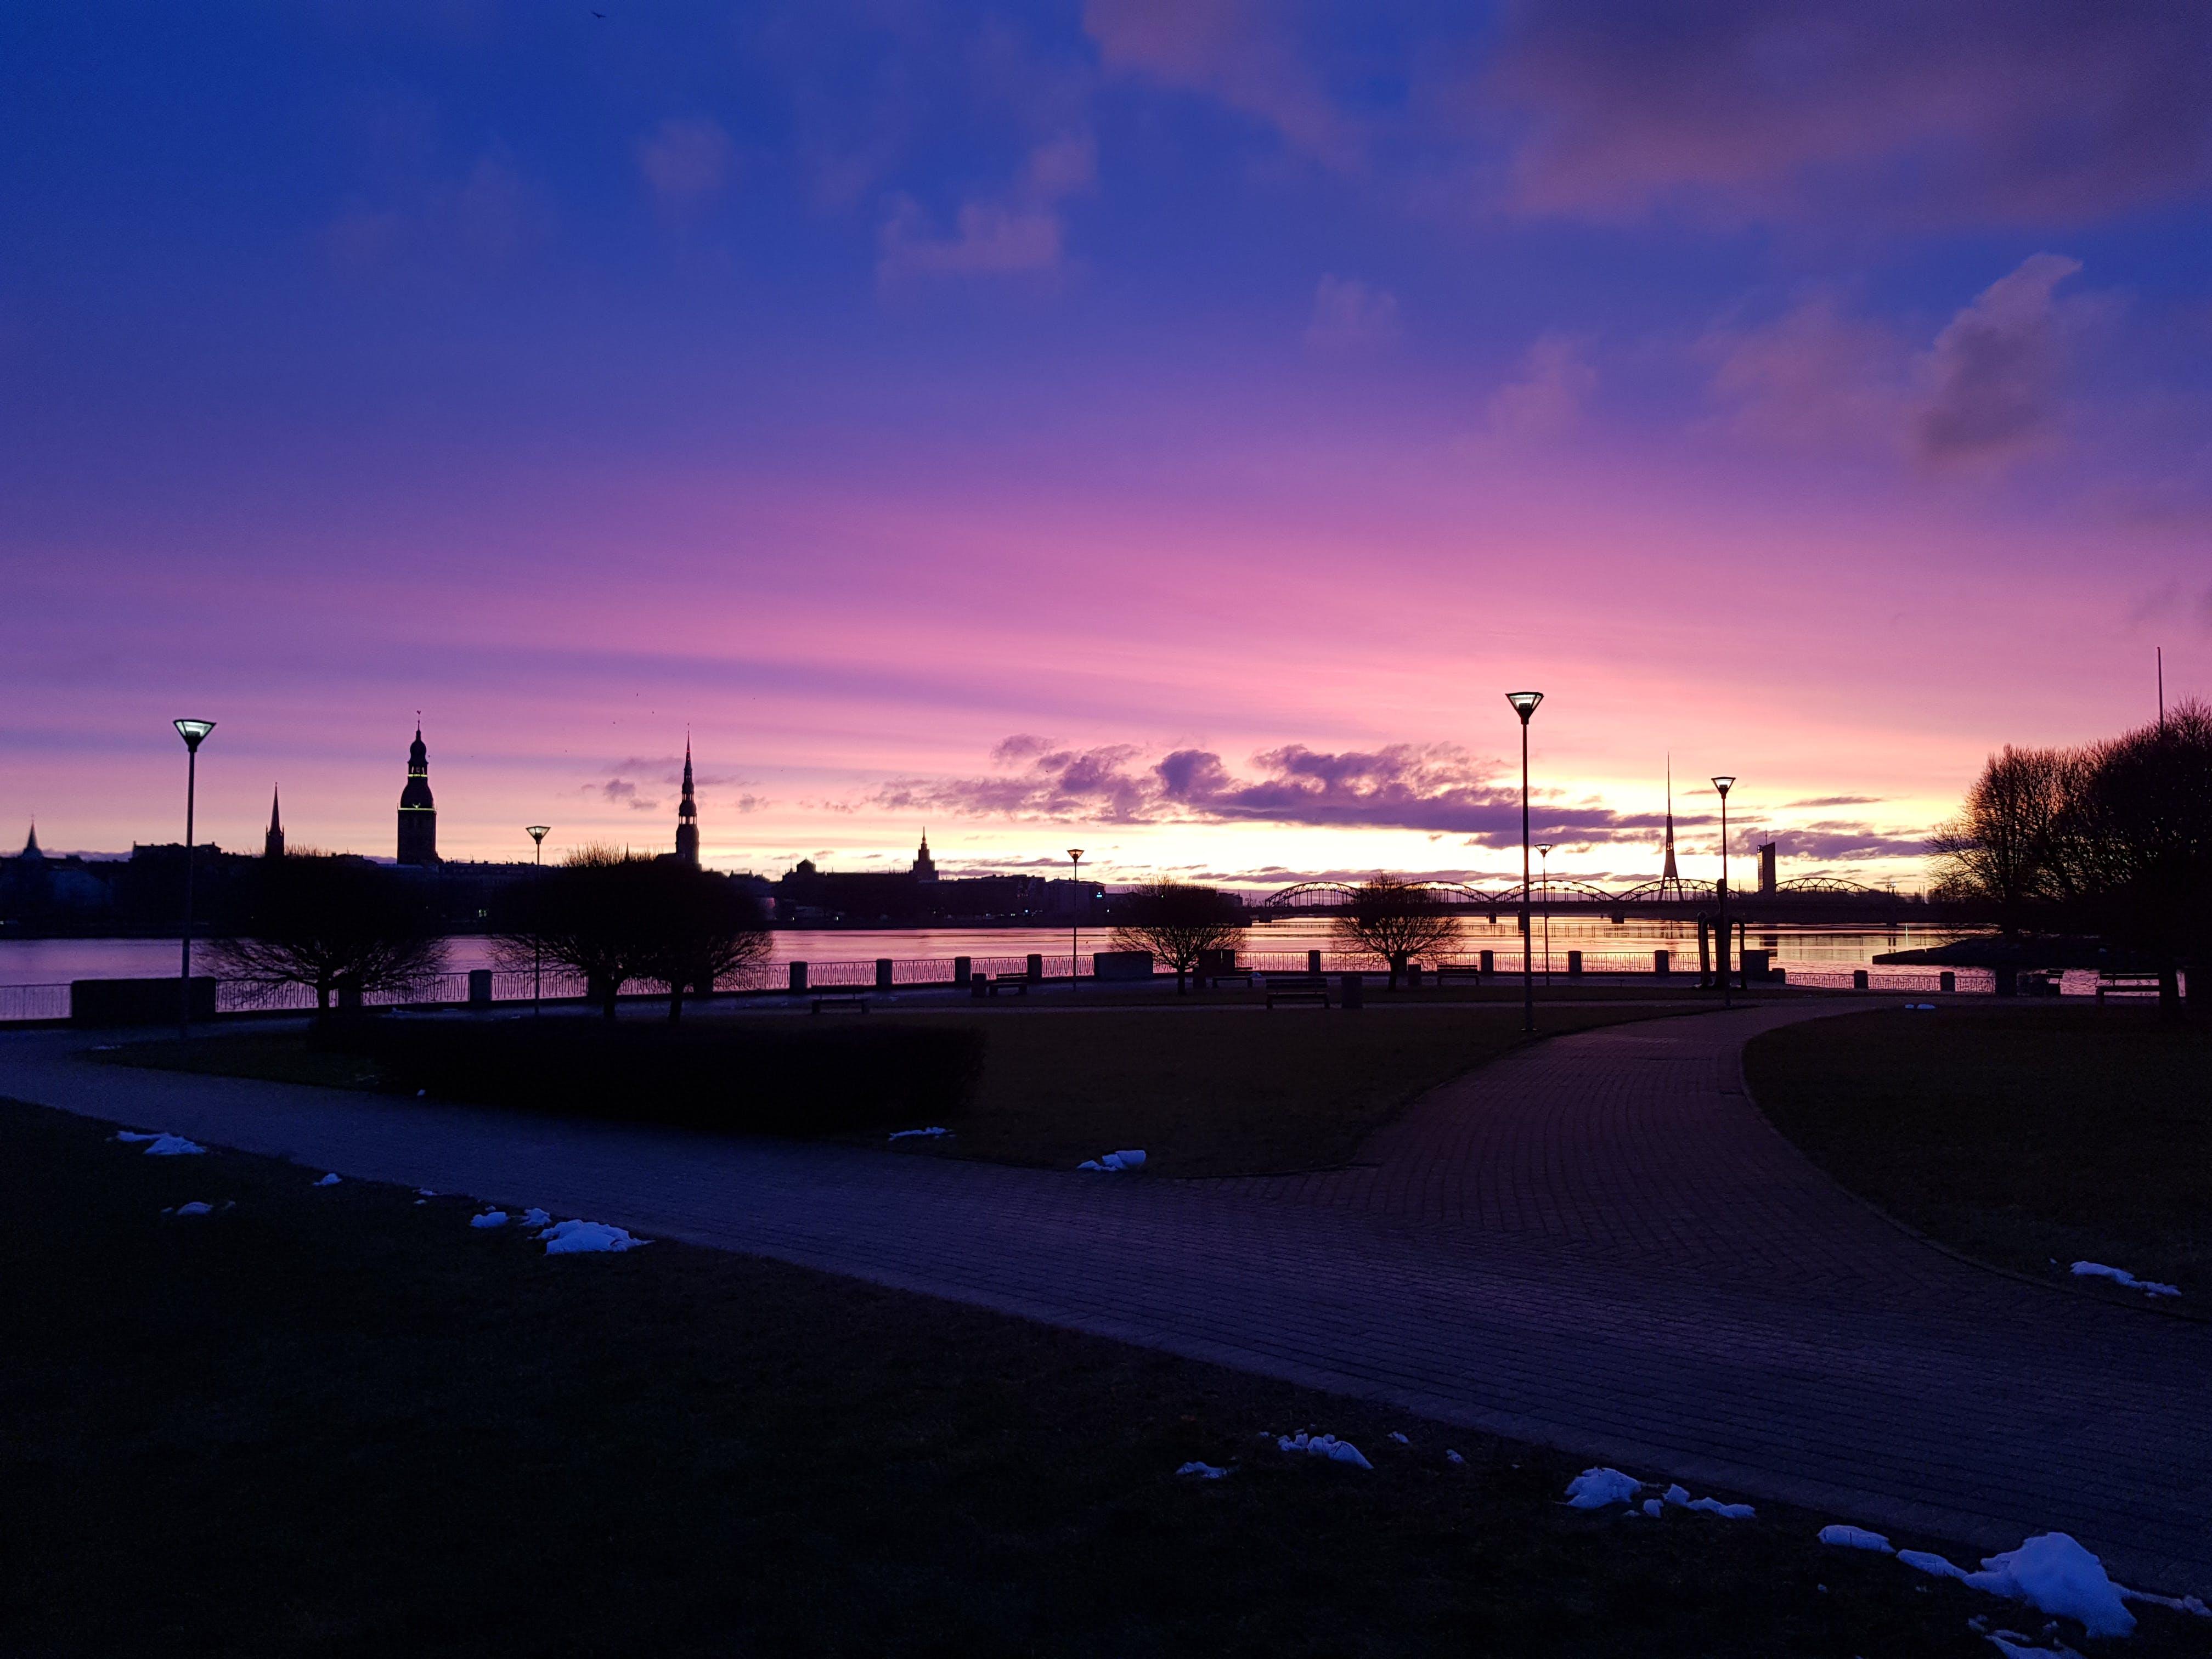 açık, akşam, bina, gökyüzü içeren Ücretsiz stok fotoğraf